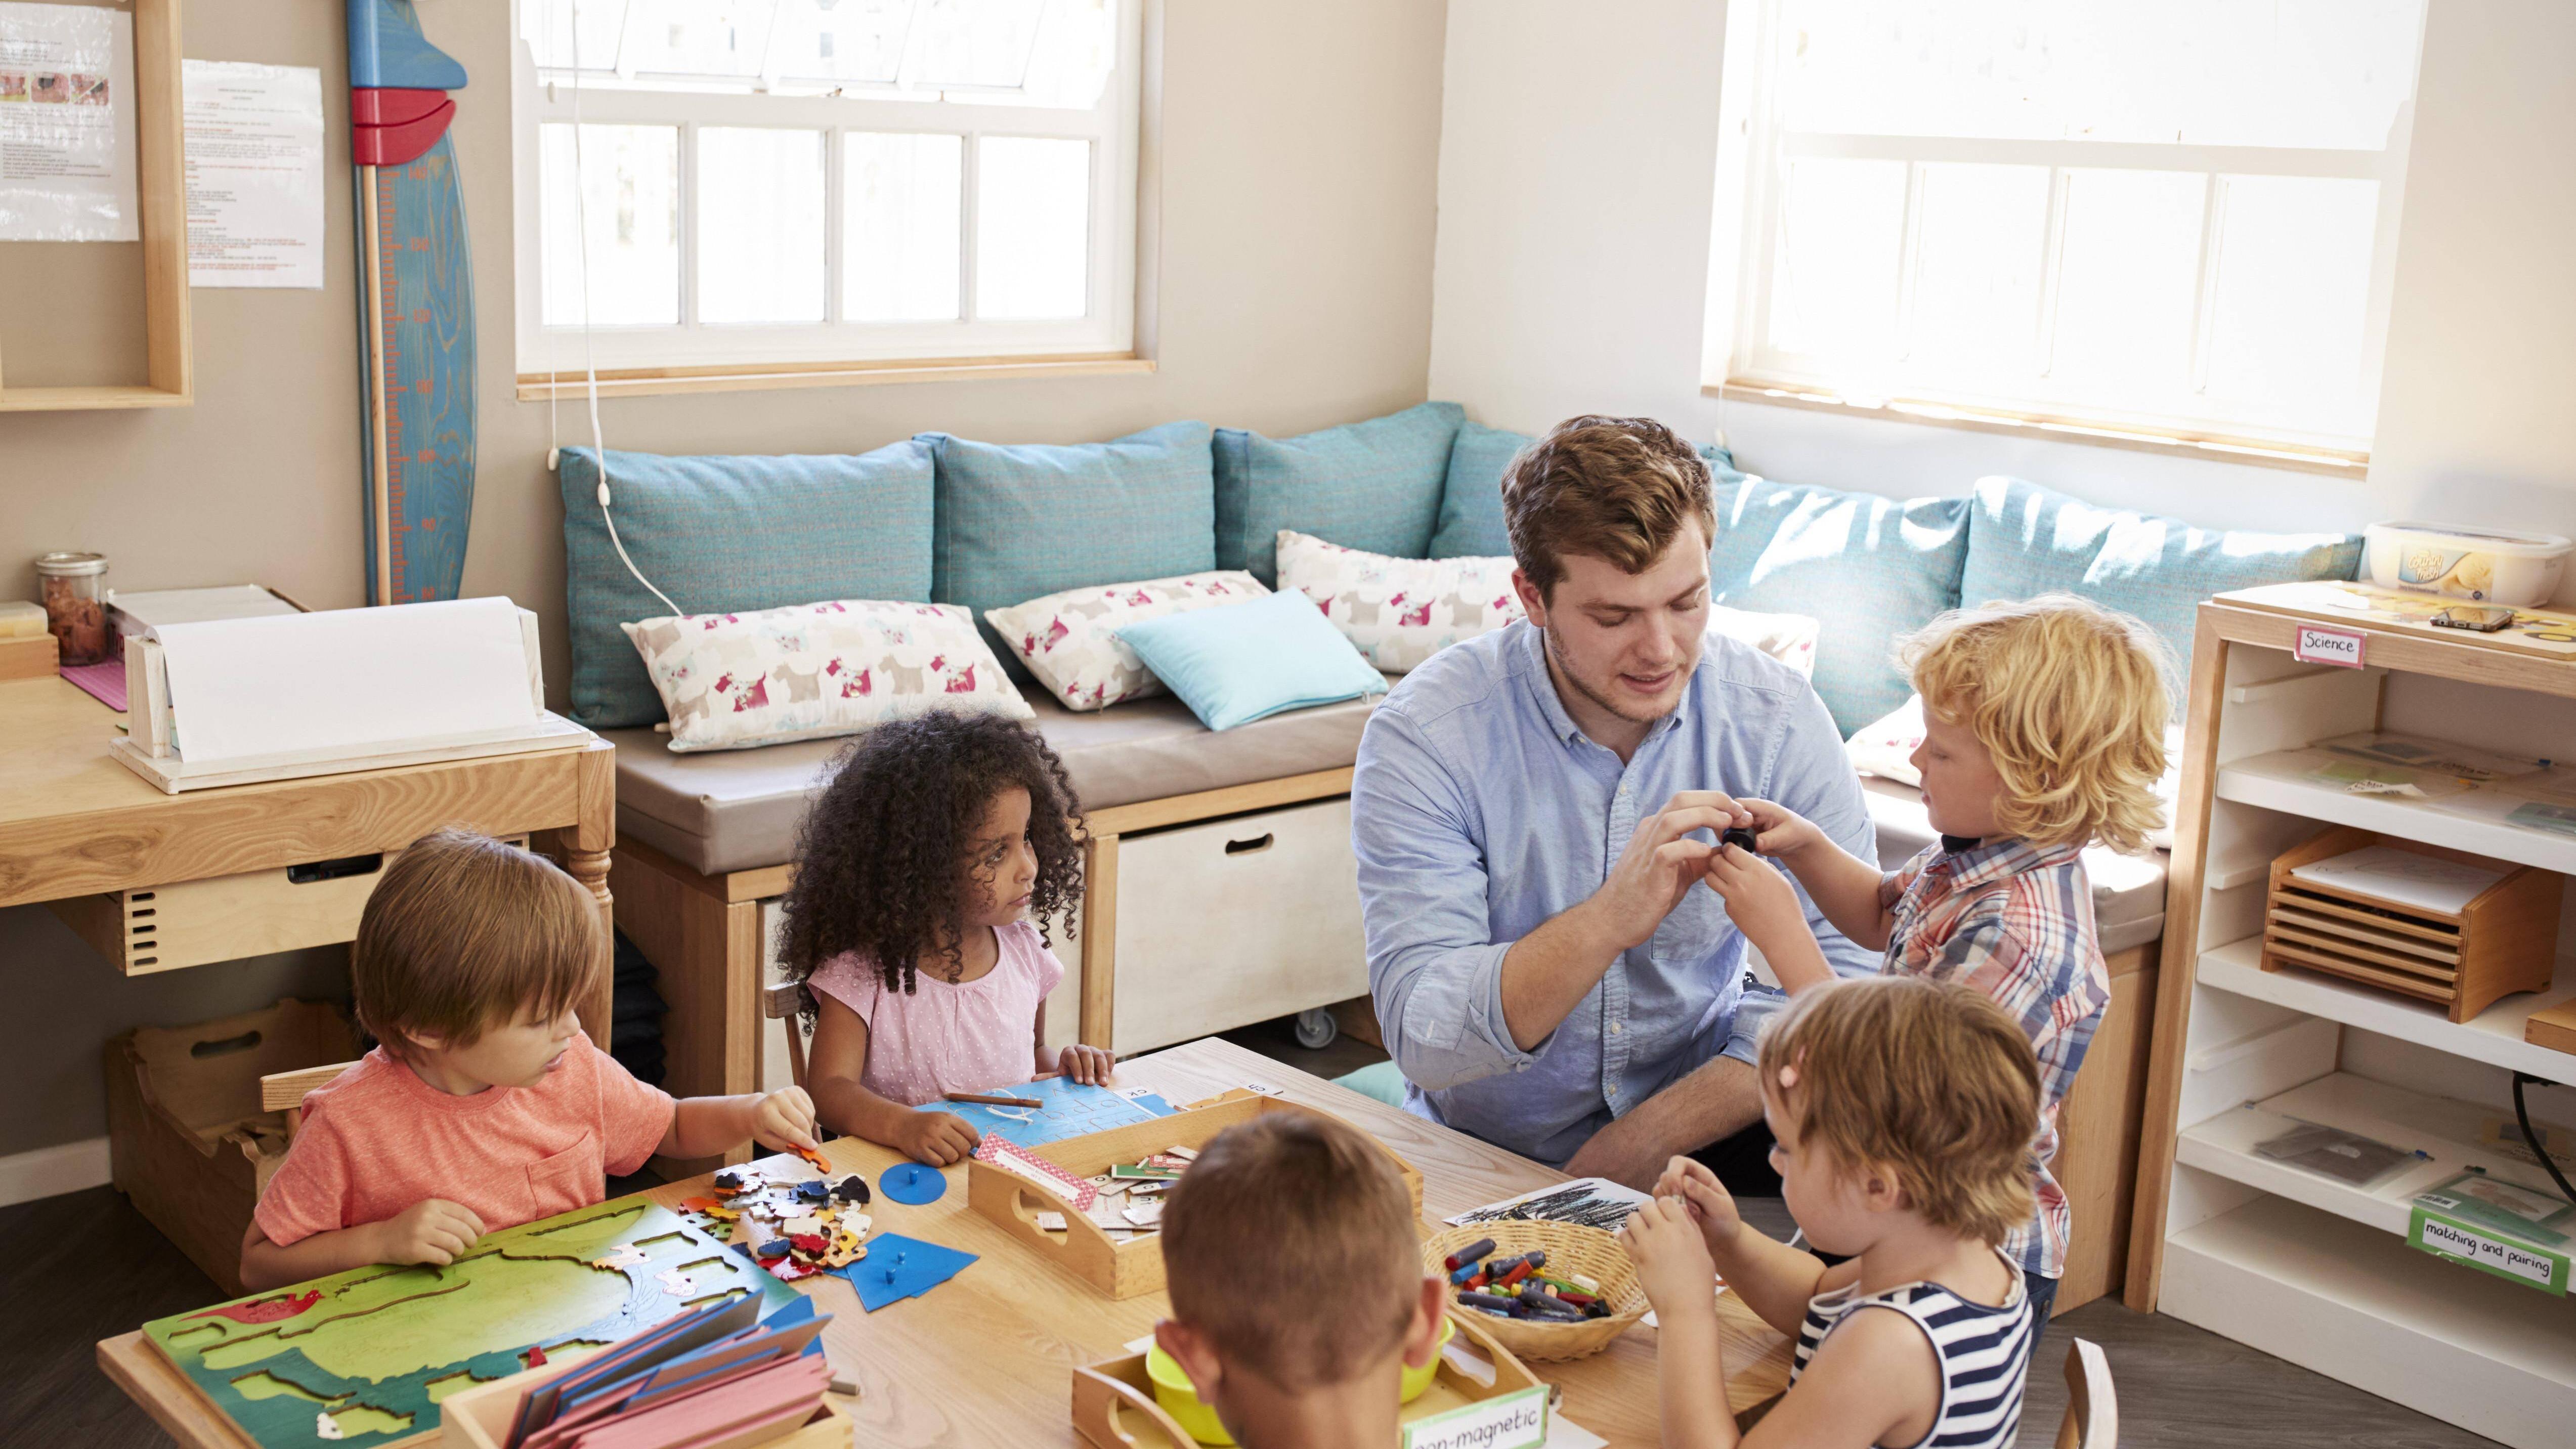 Montessori-Ausbildung: So erwerben Sie das Montessori-Diplom